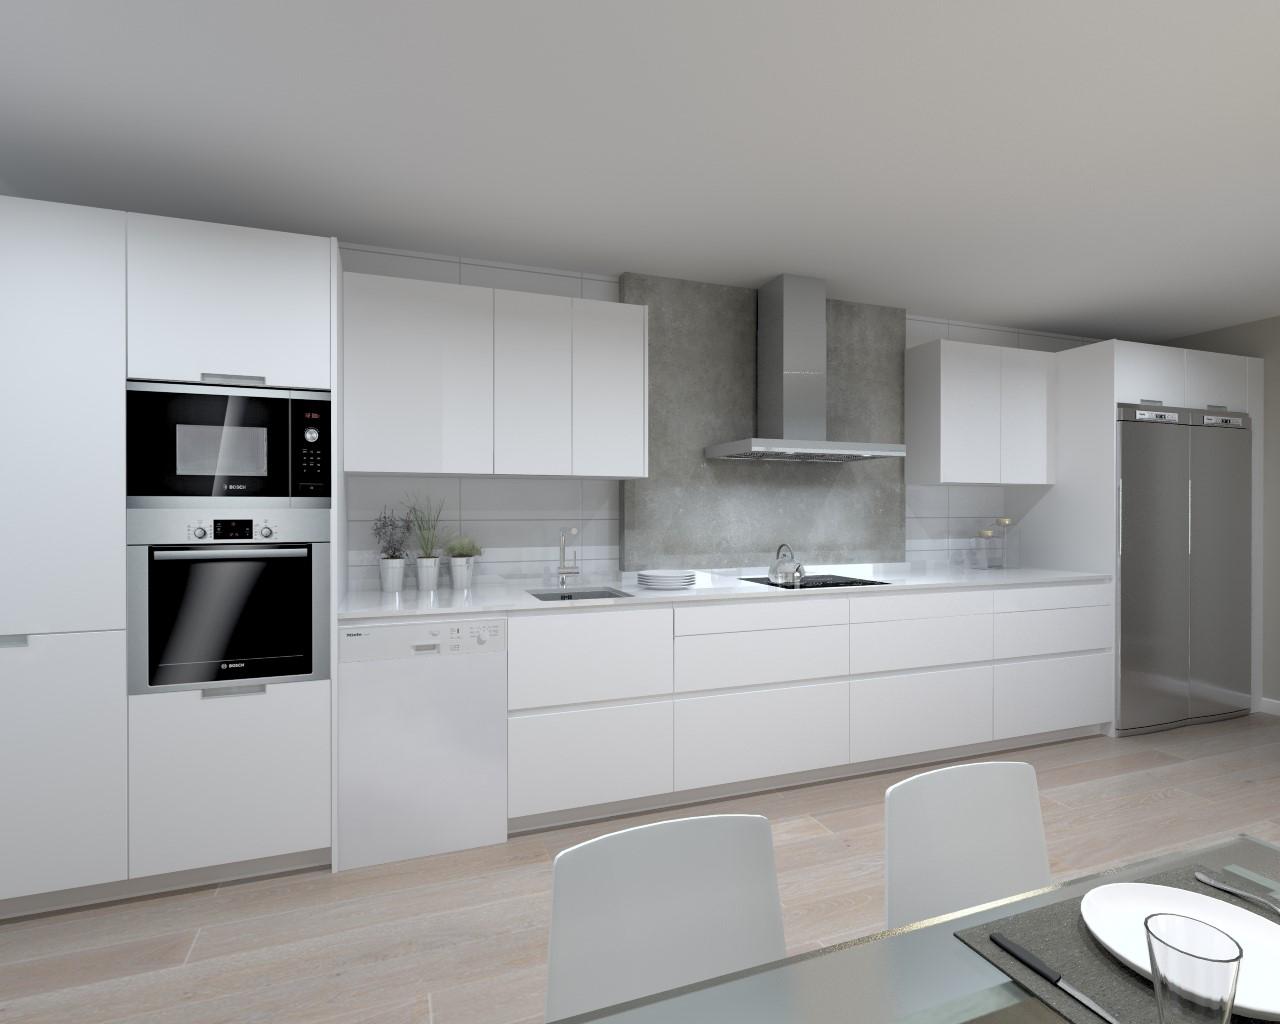 Cocina santos modelo line y minos estratificado blanco y for Encimera de cocina lacada en blanco negro